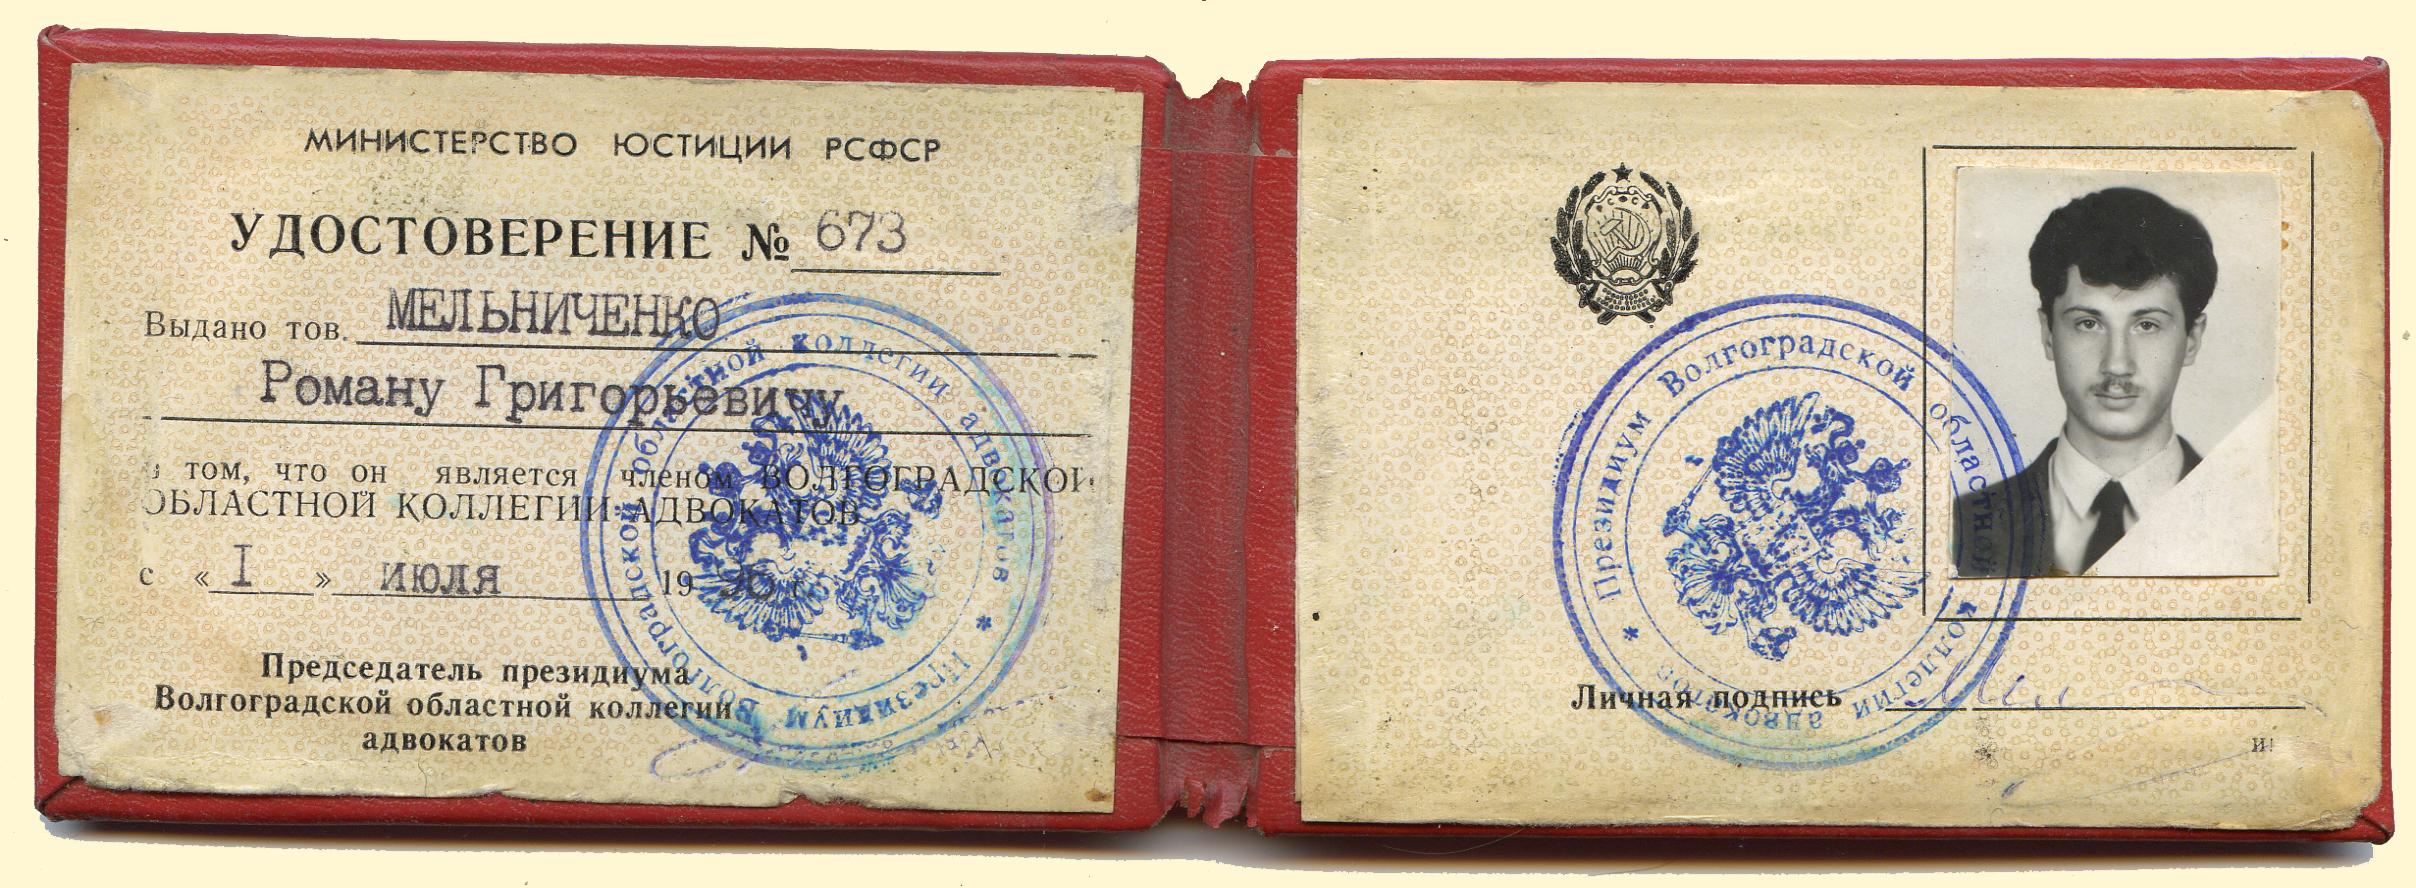 внутренняя сторона удостоверения адвоката Мельниченко Романа Григорьевича